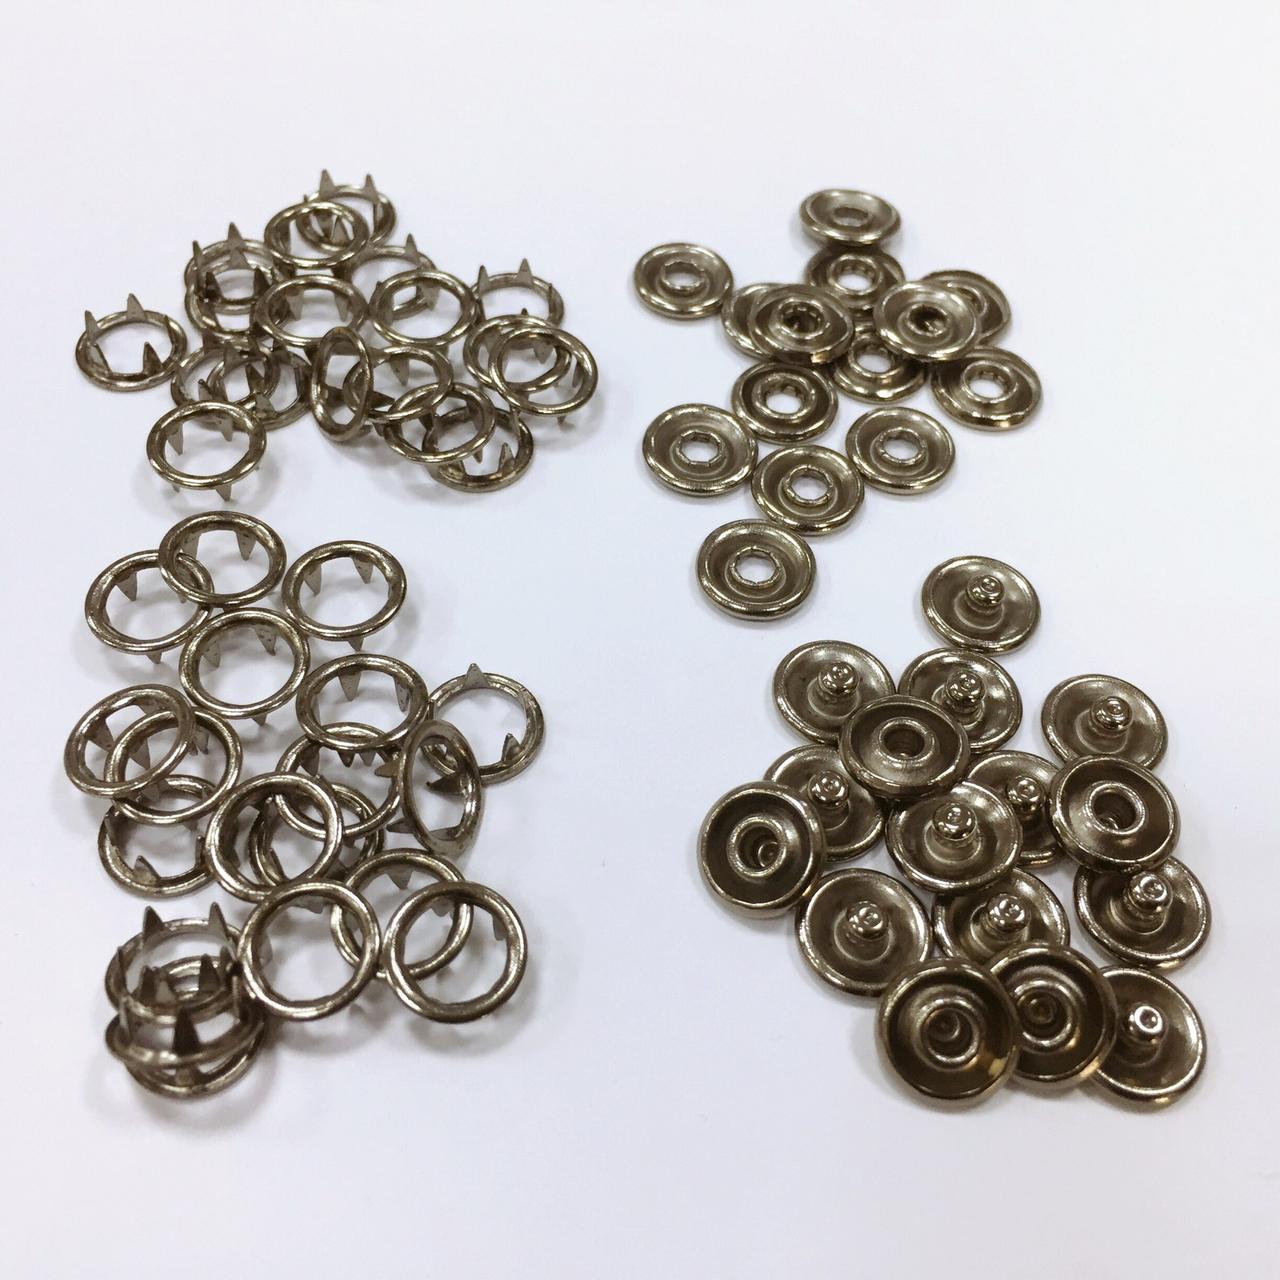 Кнопка с шипами д/детск одежды 9,5 мм цв черный никель (уп 144шт) МН